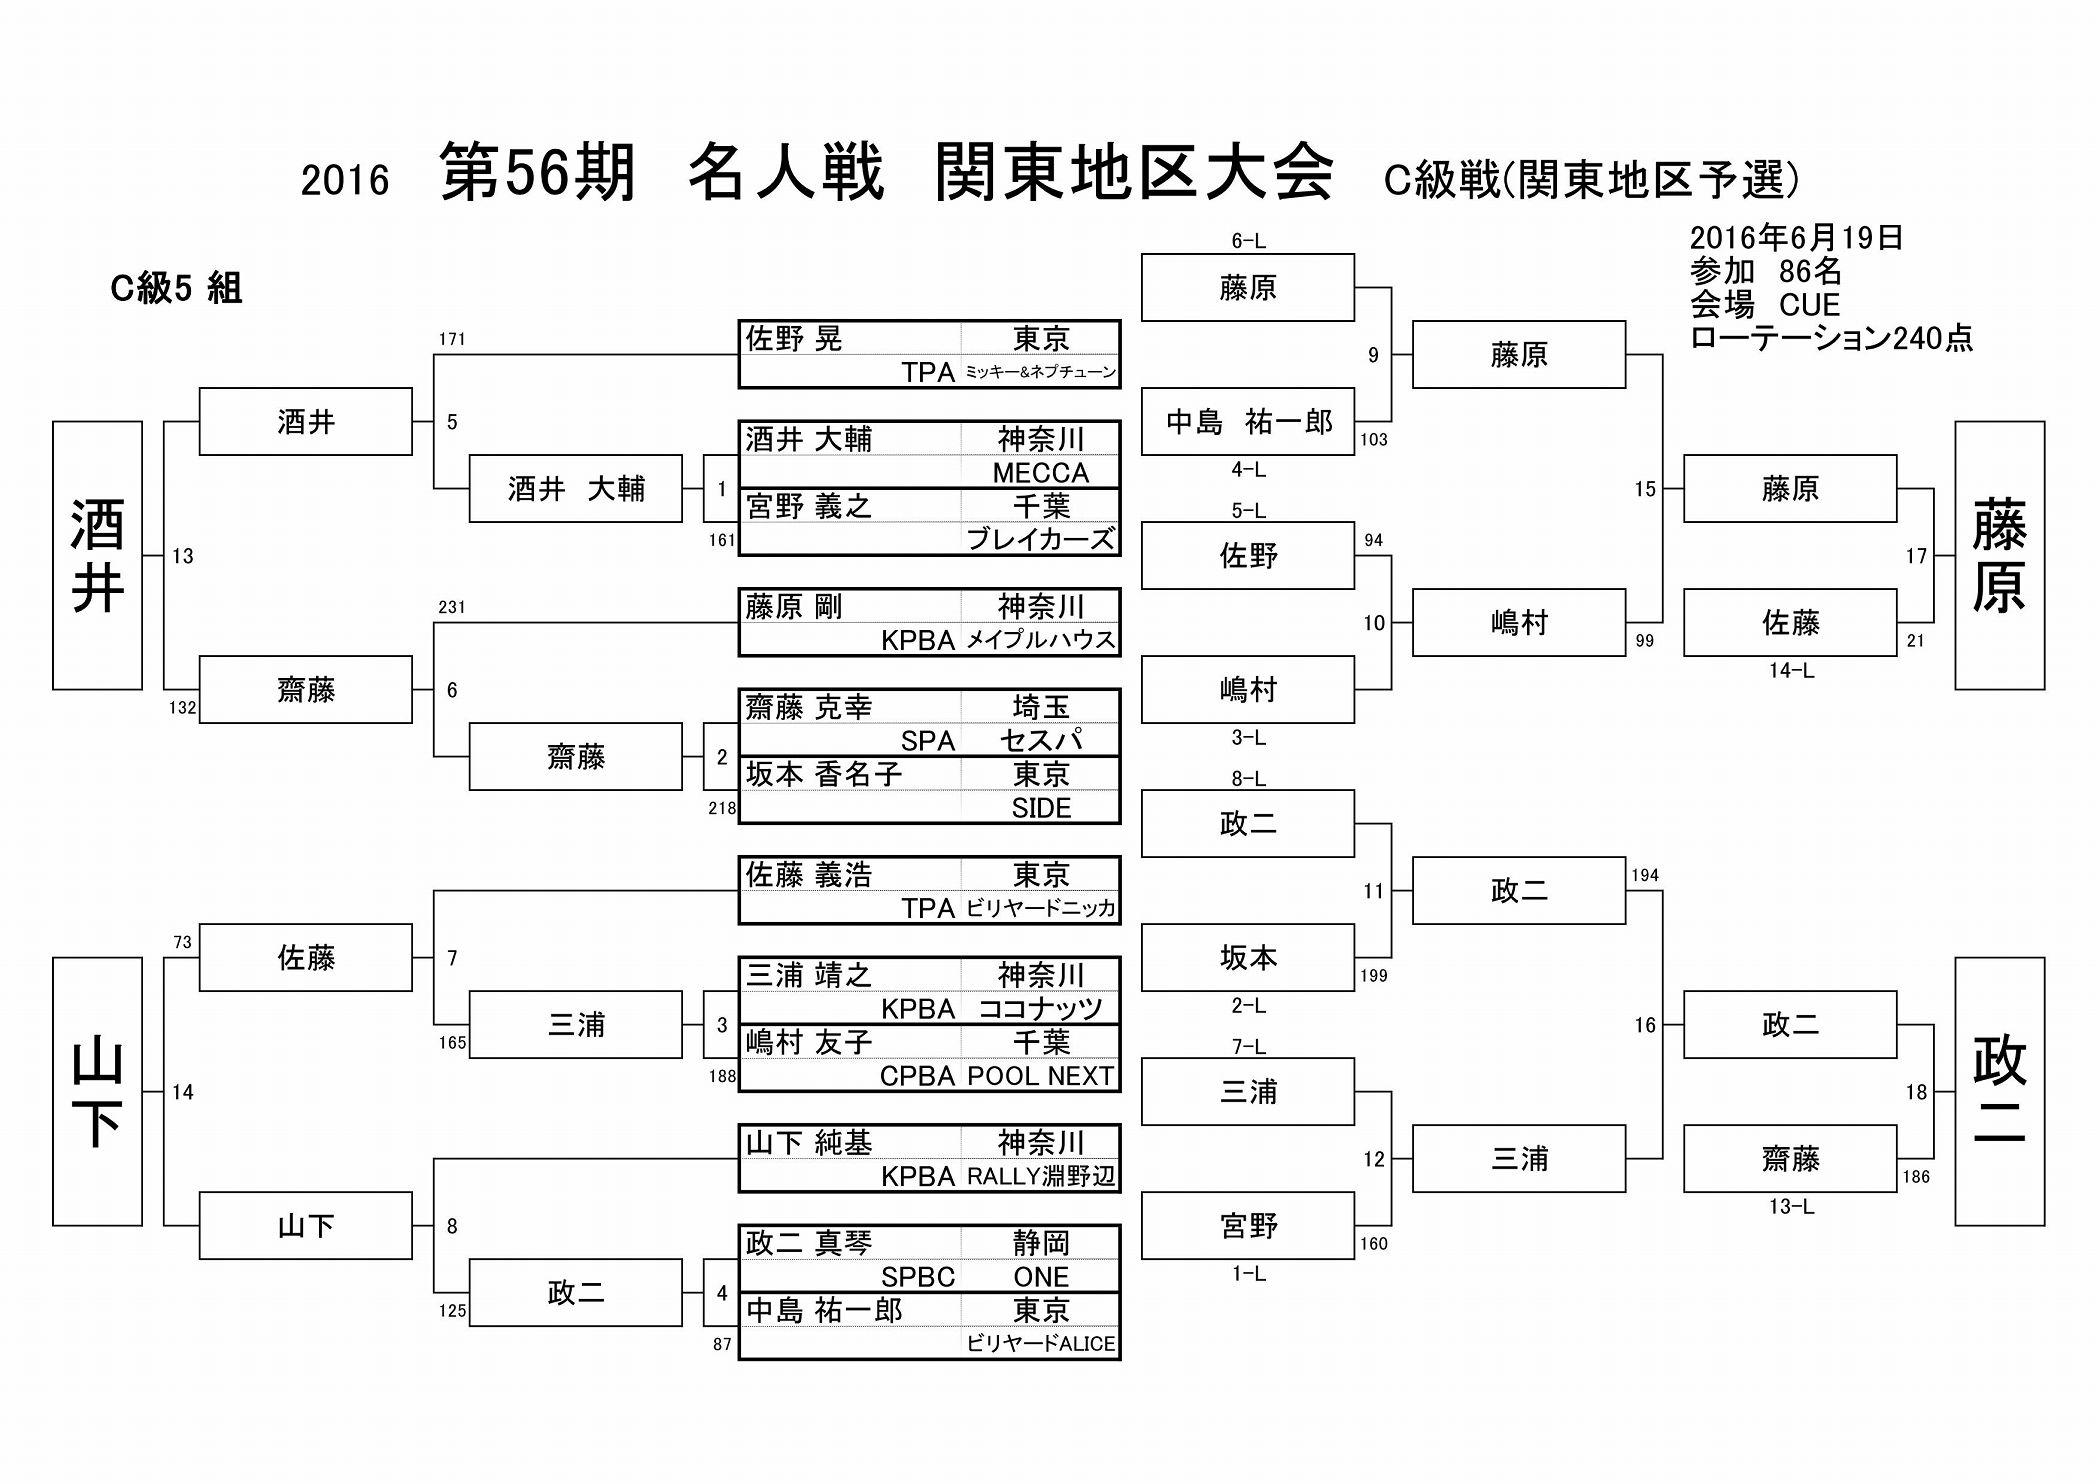 2016名人戦C級戦結果(関東地区)_05